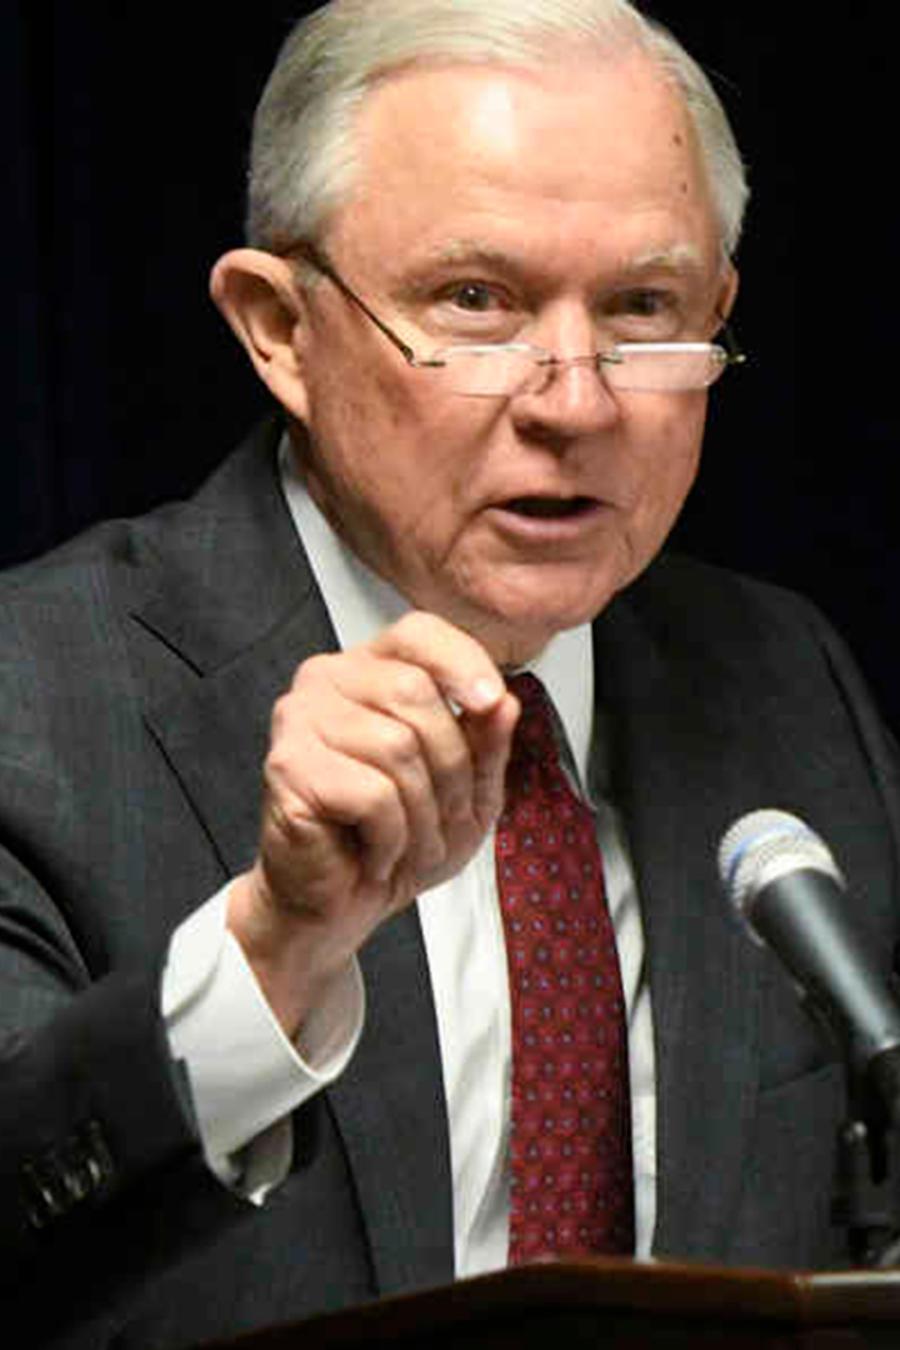 El secretario de Justicia Jeff Sessions habla sobre los esfuerzos para combatir los delitos violentos en Estados Unidos durante una presentación en la Oficina del Fiscal Federal para el Distrito Medio de Georgia, el jueves 9 de agosto de 2018, en Macon, G